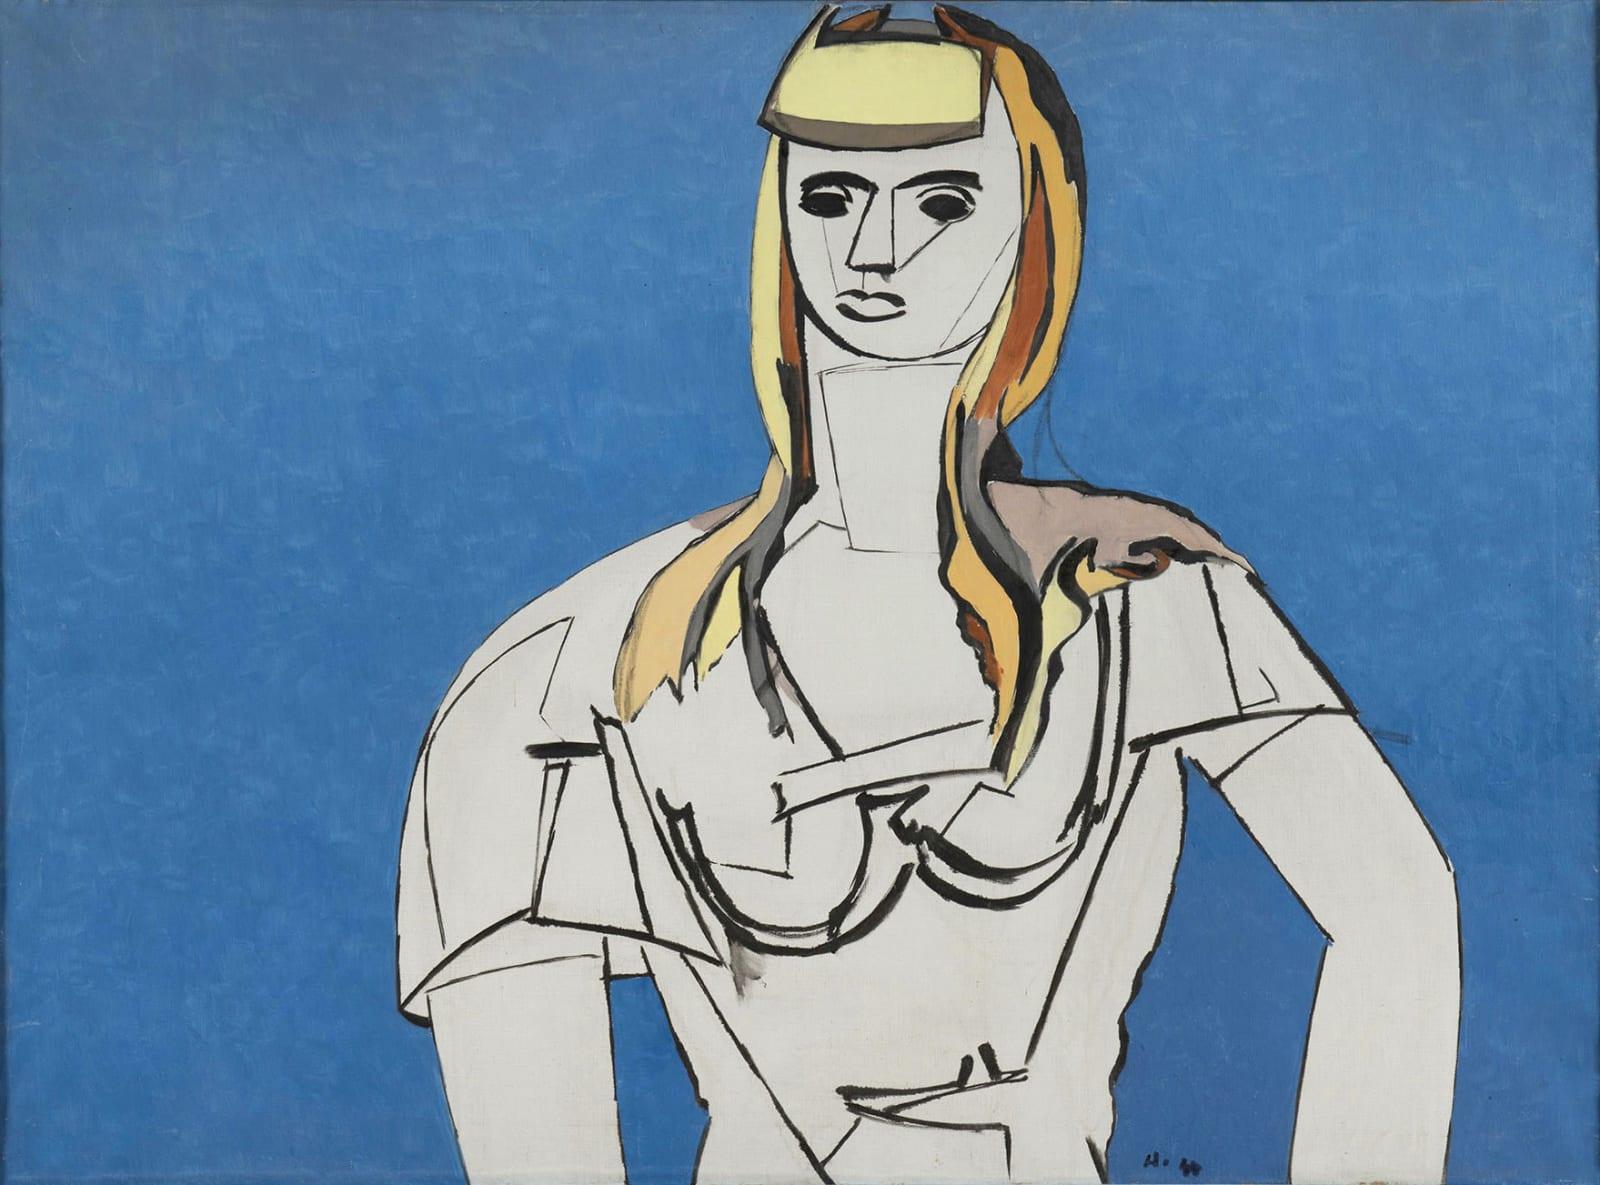 JEAN HÉLION, La fille aux cheveux jaunes, 1944